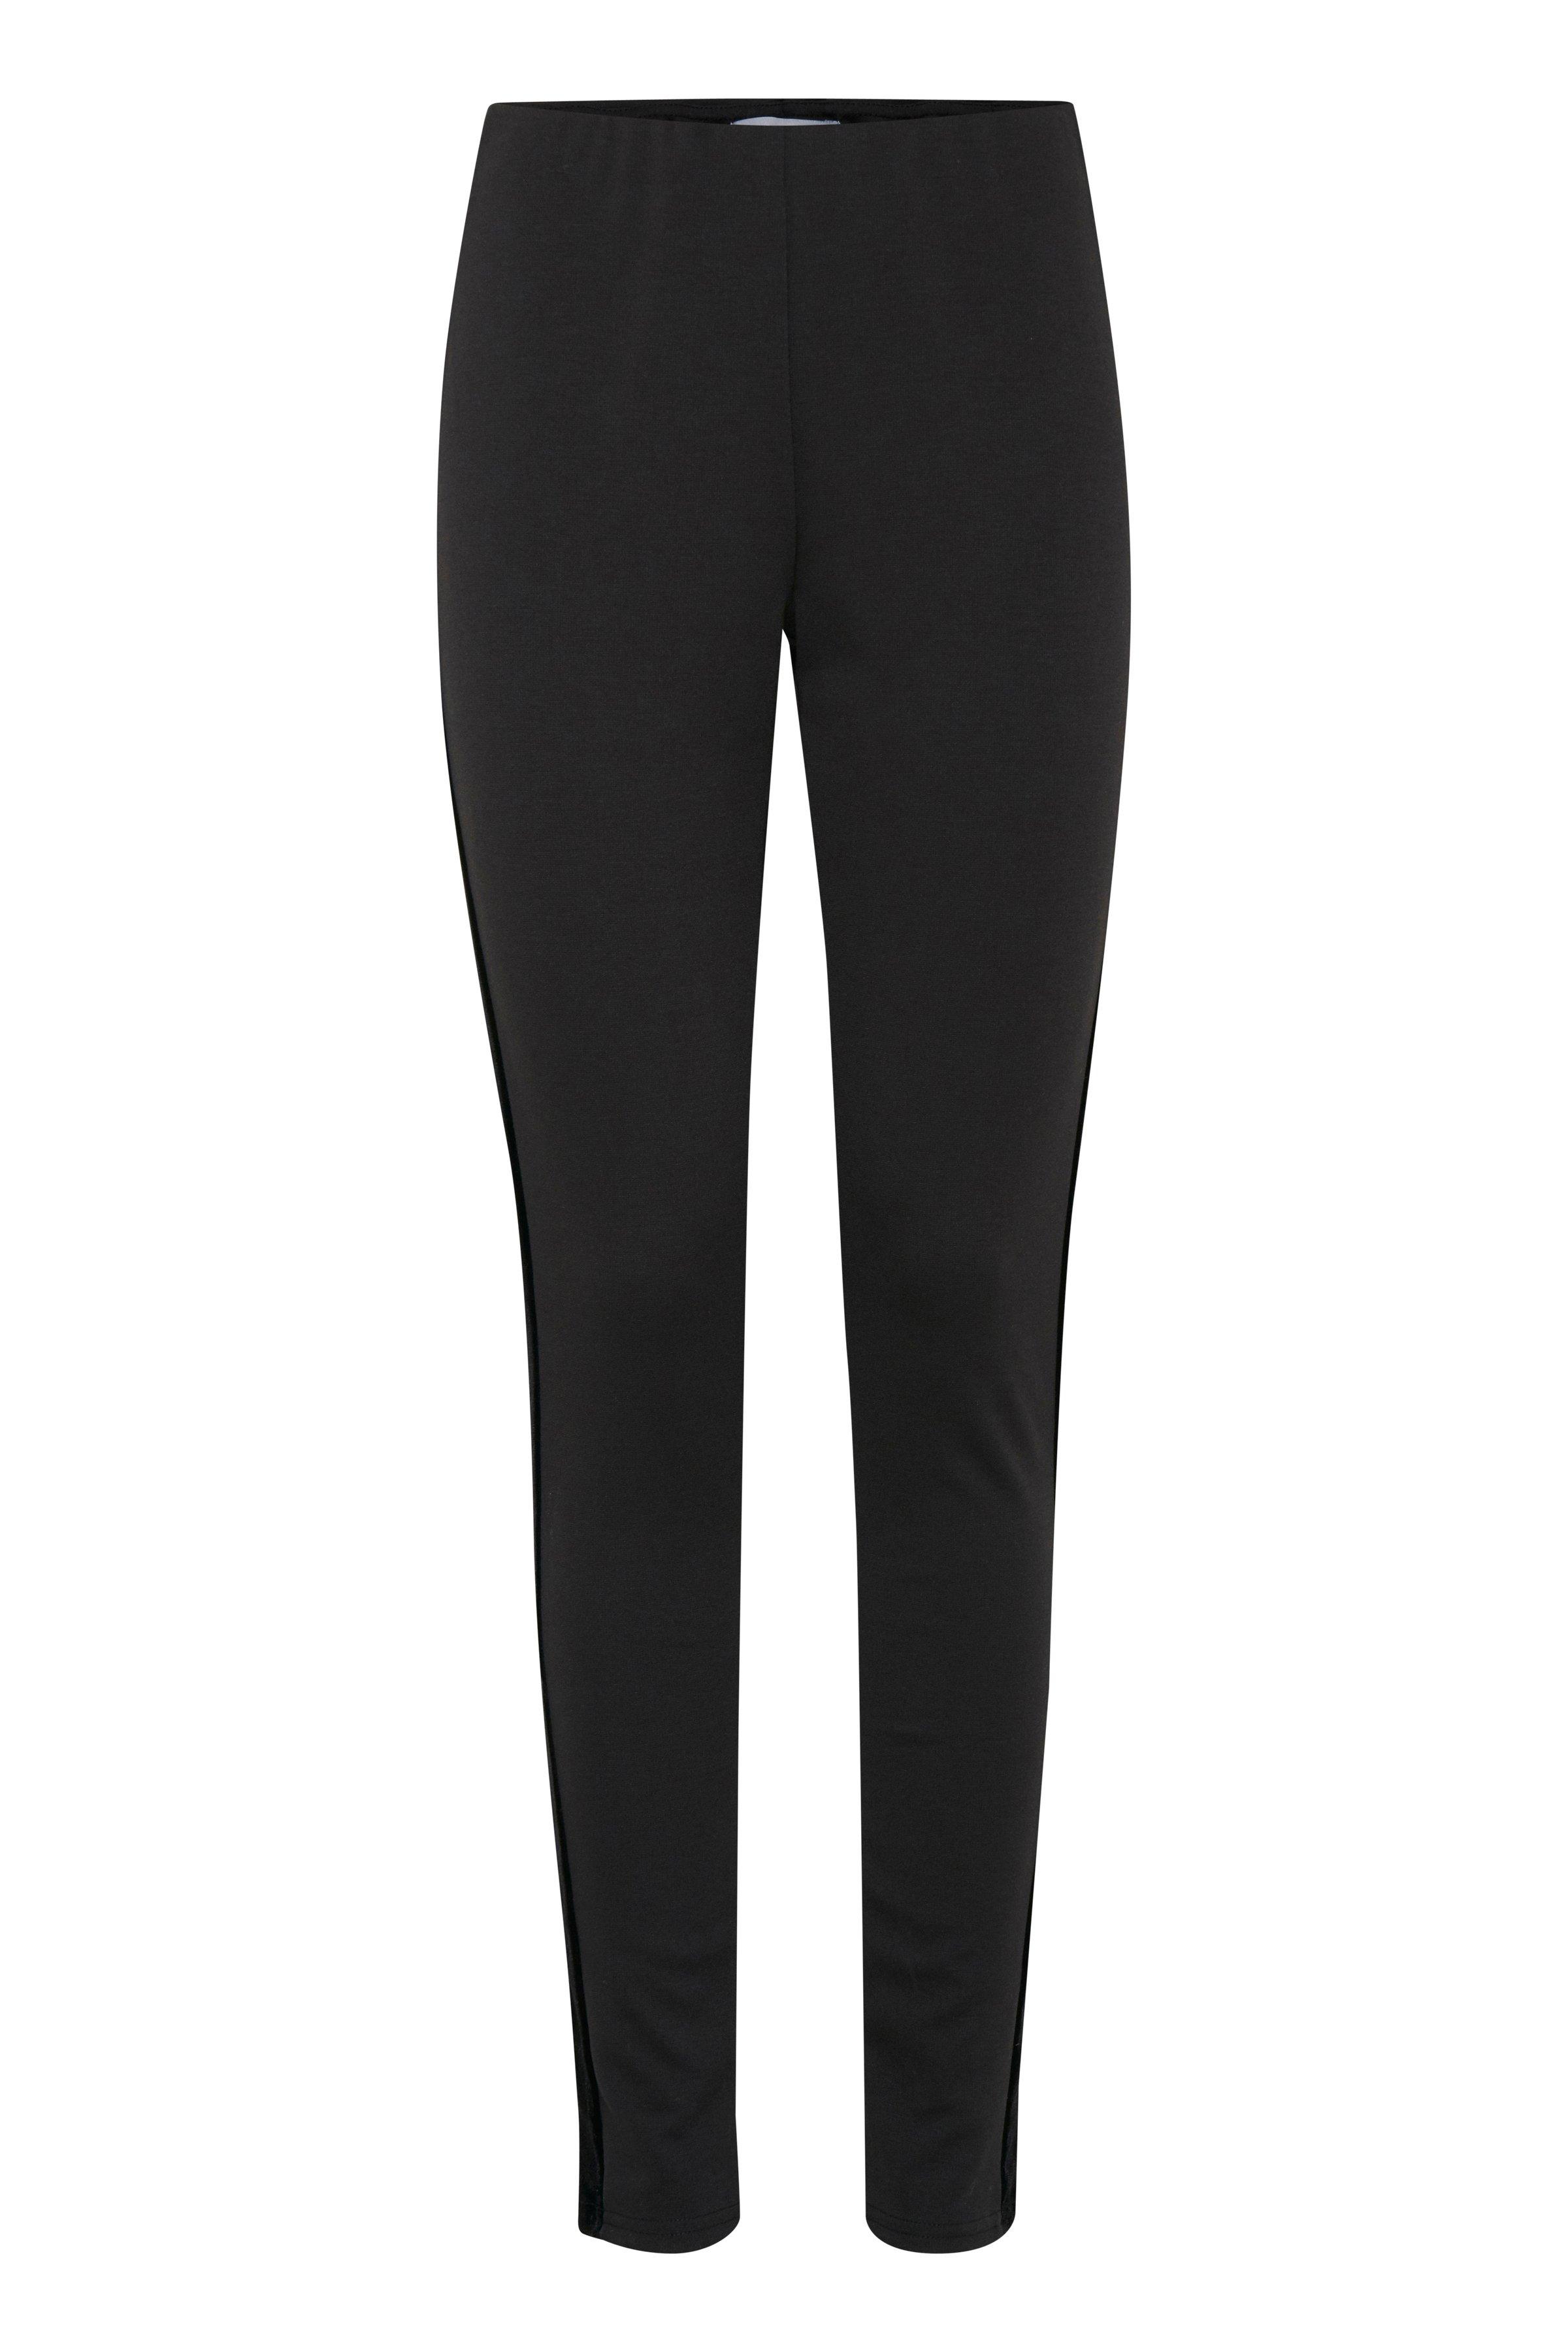 Sort Casual bukser fra b.young – Køb Sort Casual bukser fra str. XS-XXL her